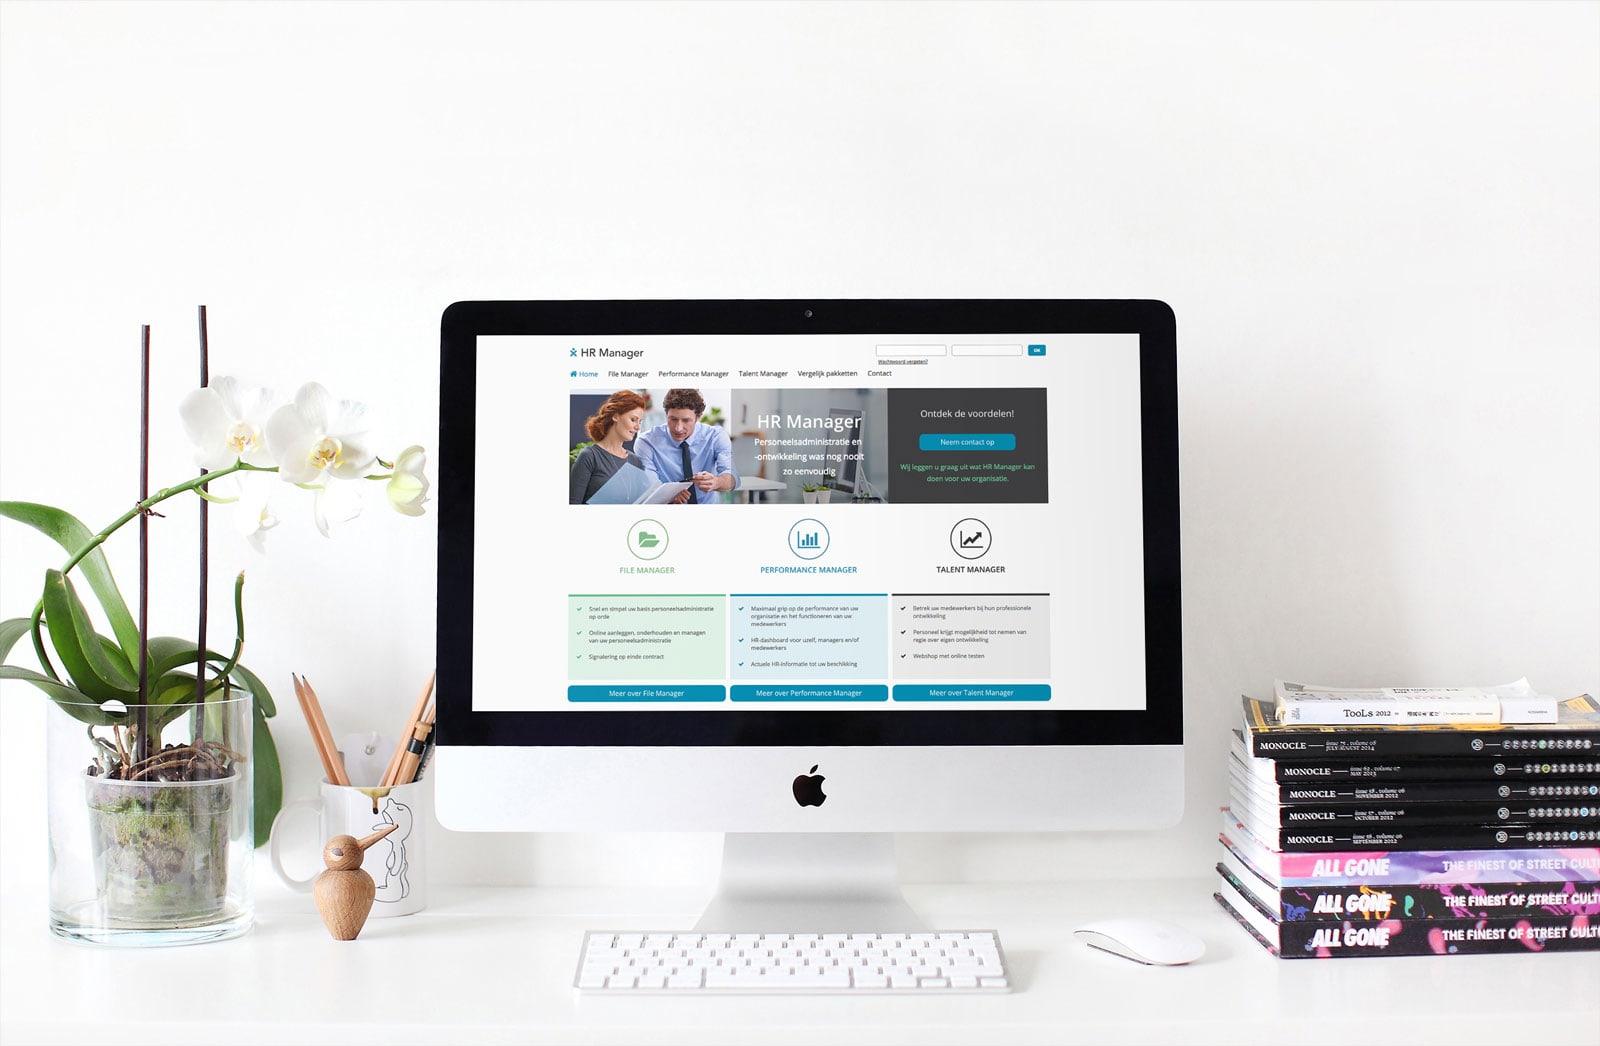 Krijg inzicht in het talent en potentieel van jouw personeel met HR Manager van Blue Carpet!